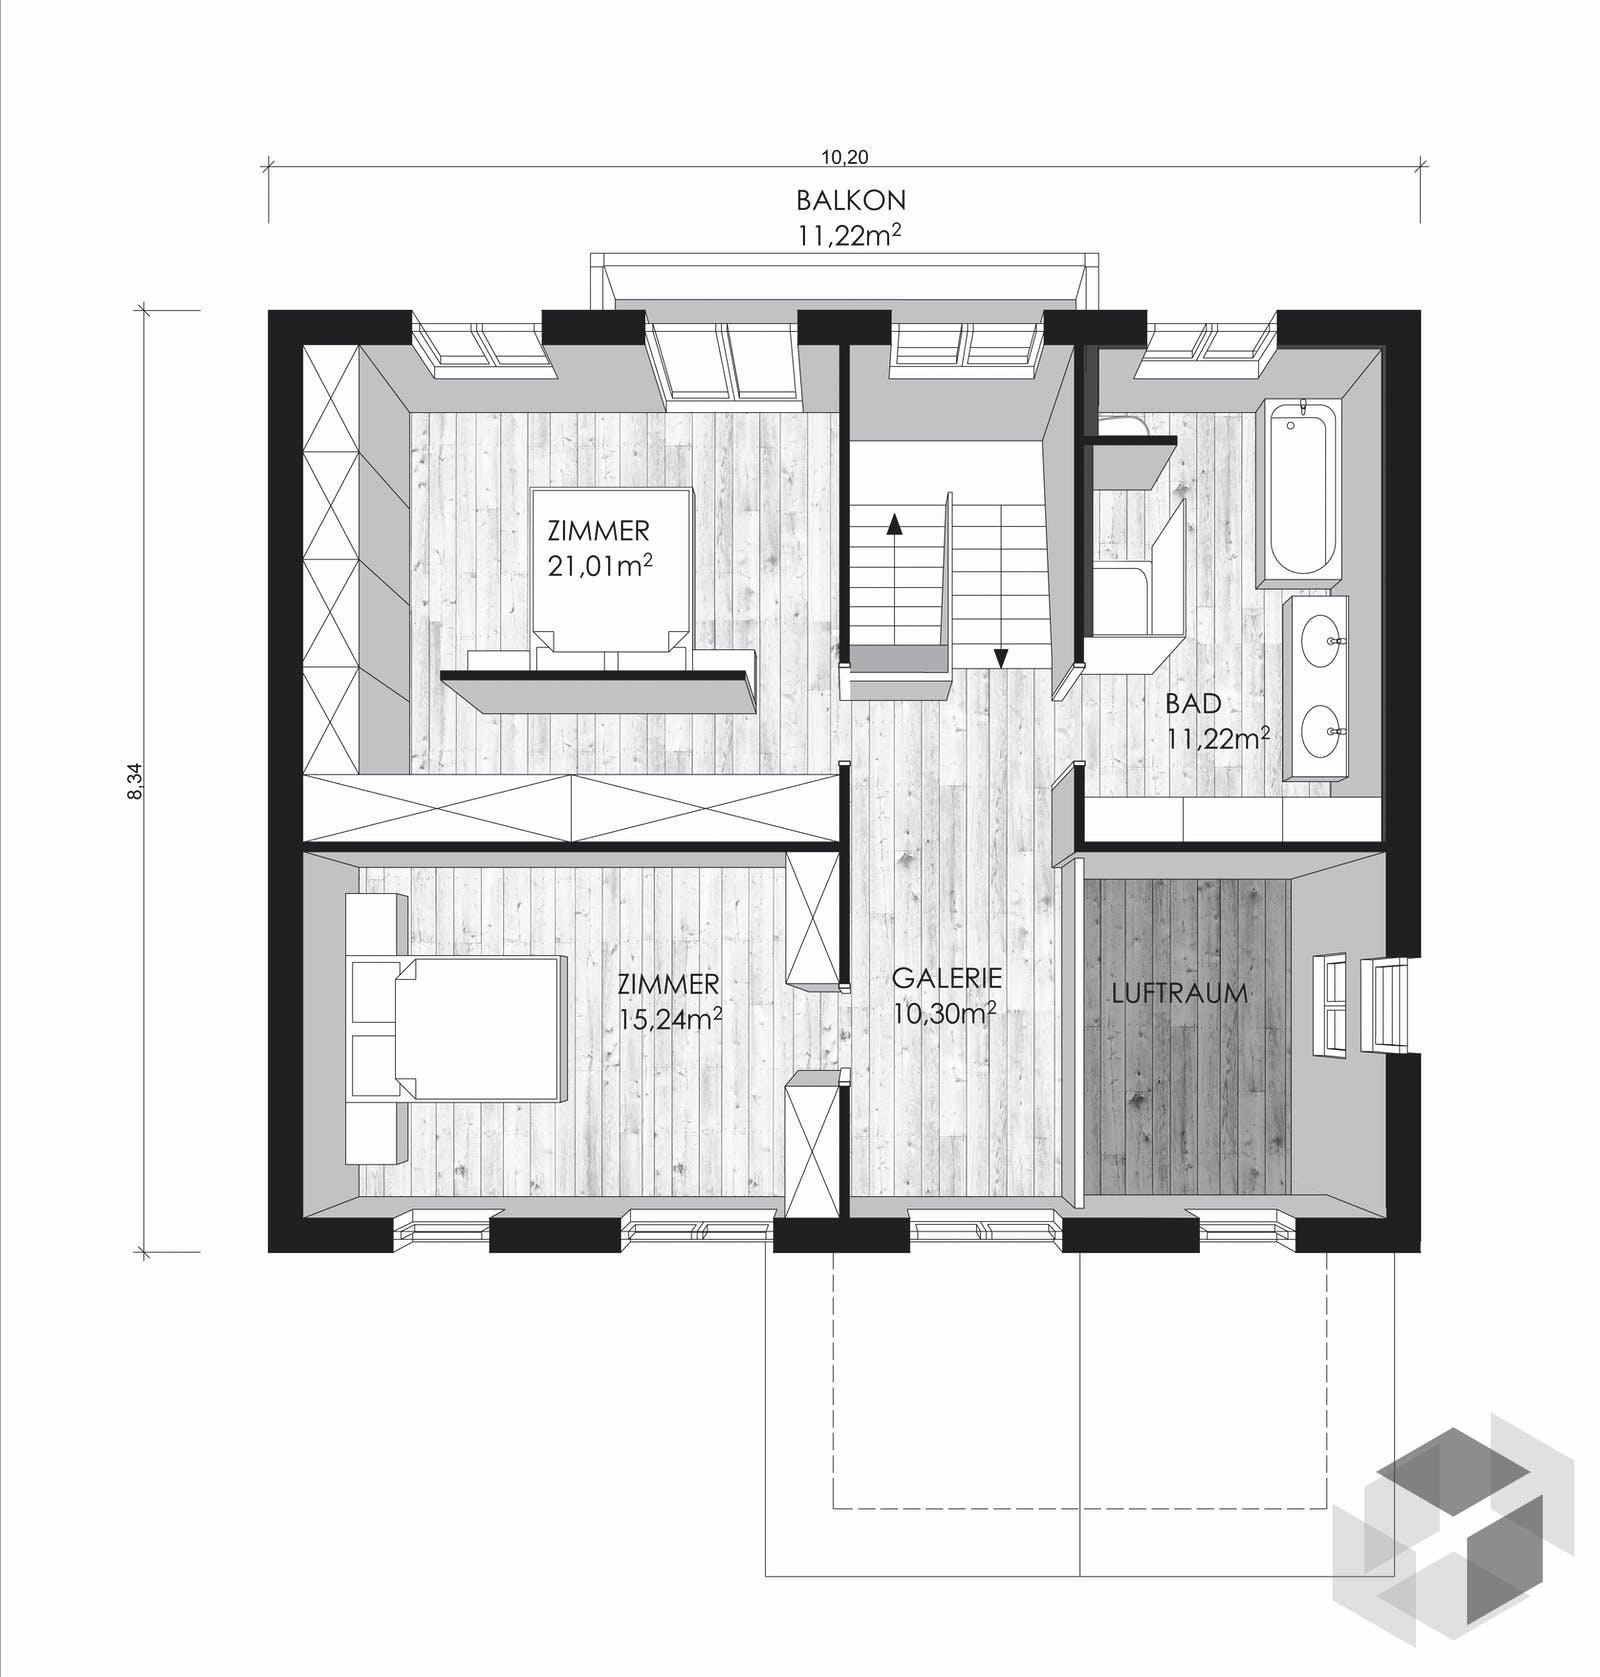 clara inactive von rubner haus komplette daten bersicht. Black Bedroom Furniture Sets. Home Design Ideas